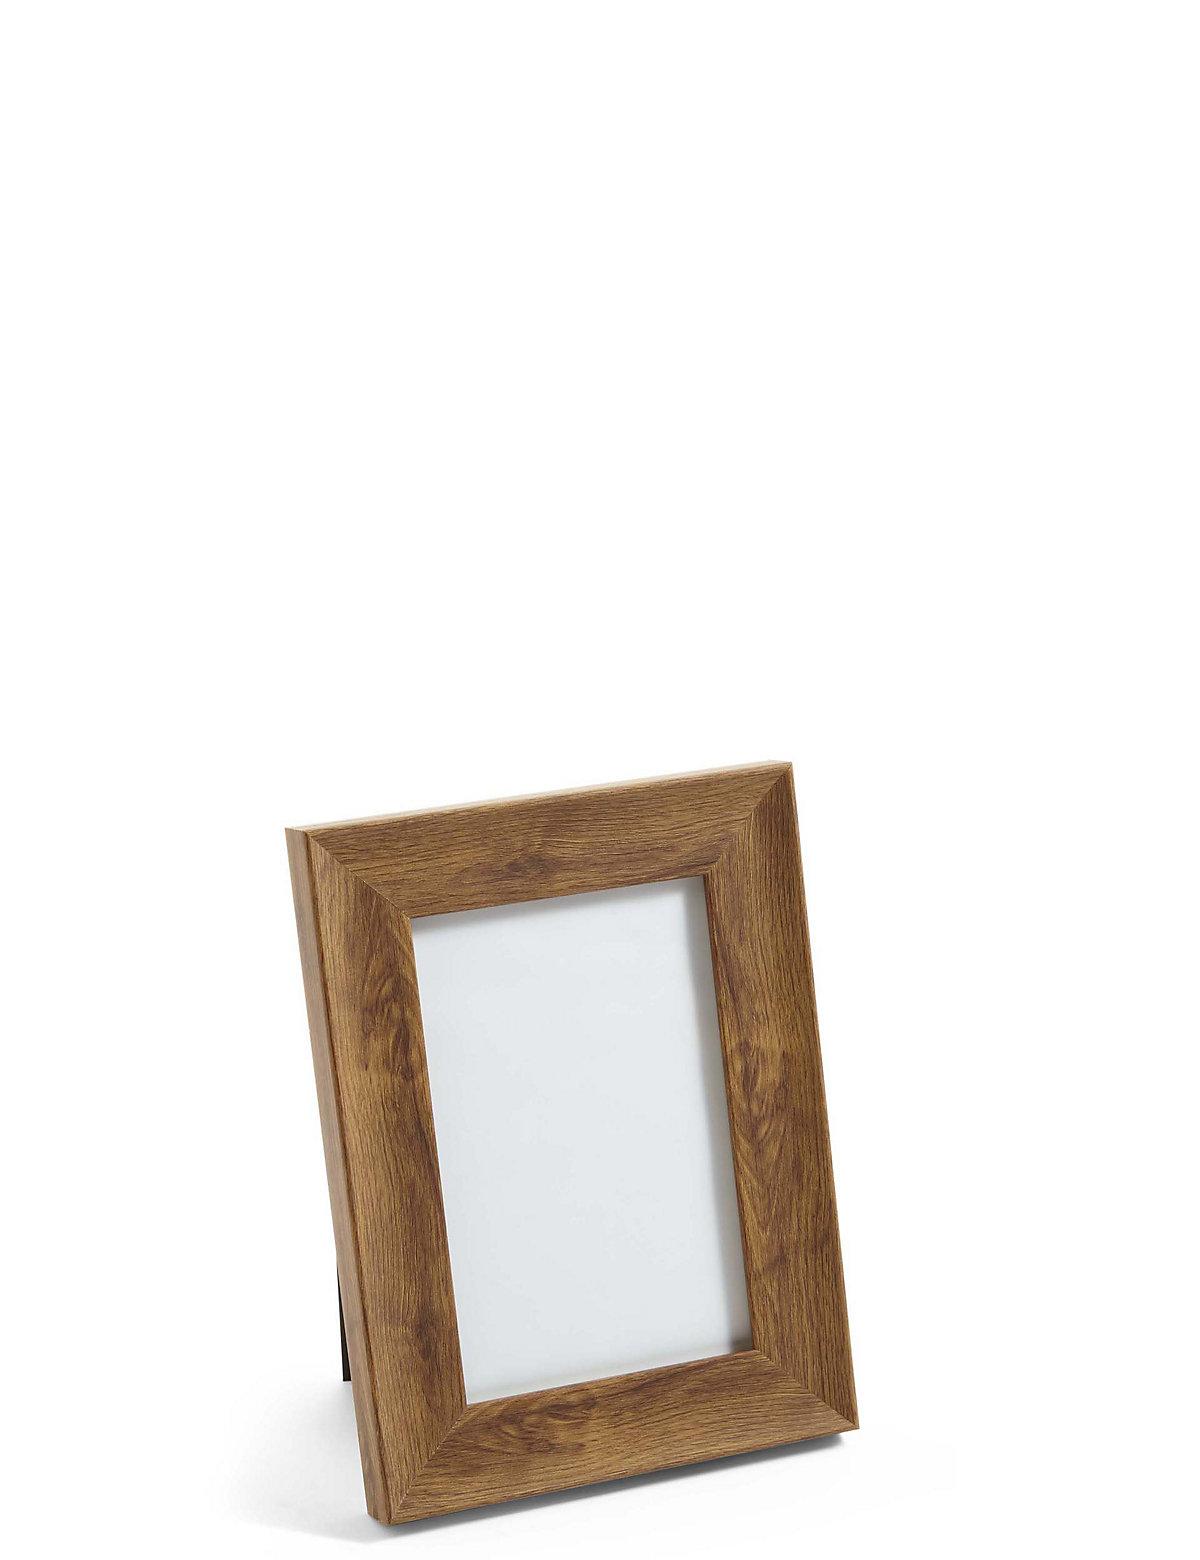 Best4Frames - Picture Frames Online Nielsen Frames 10 x 15cm photo frame